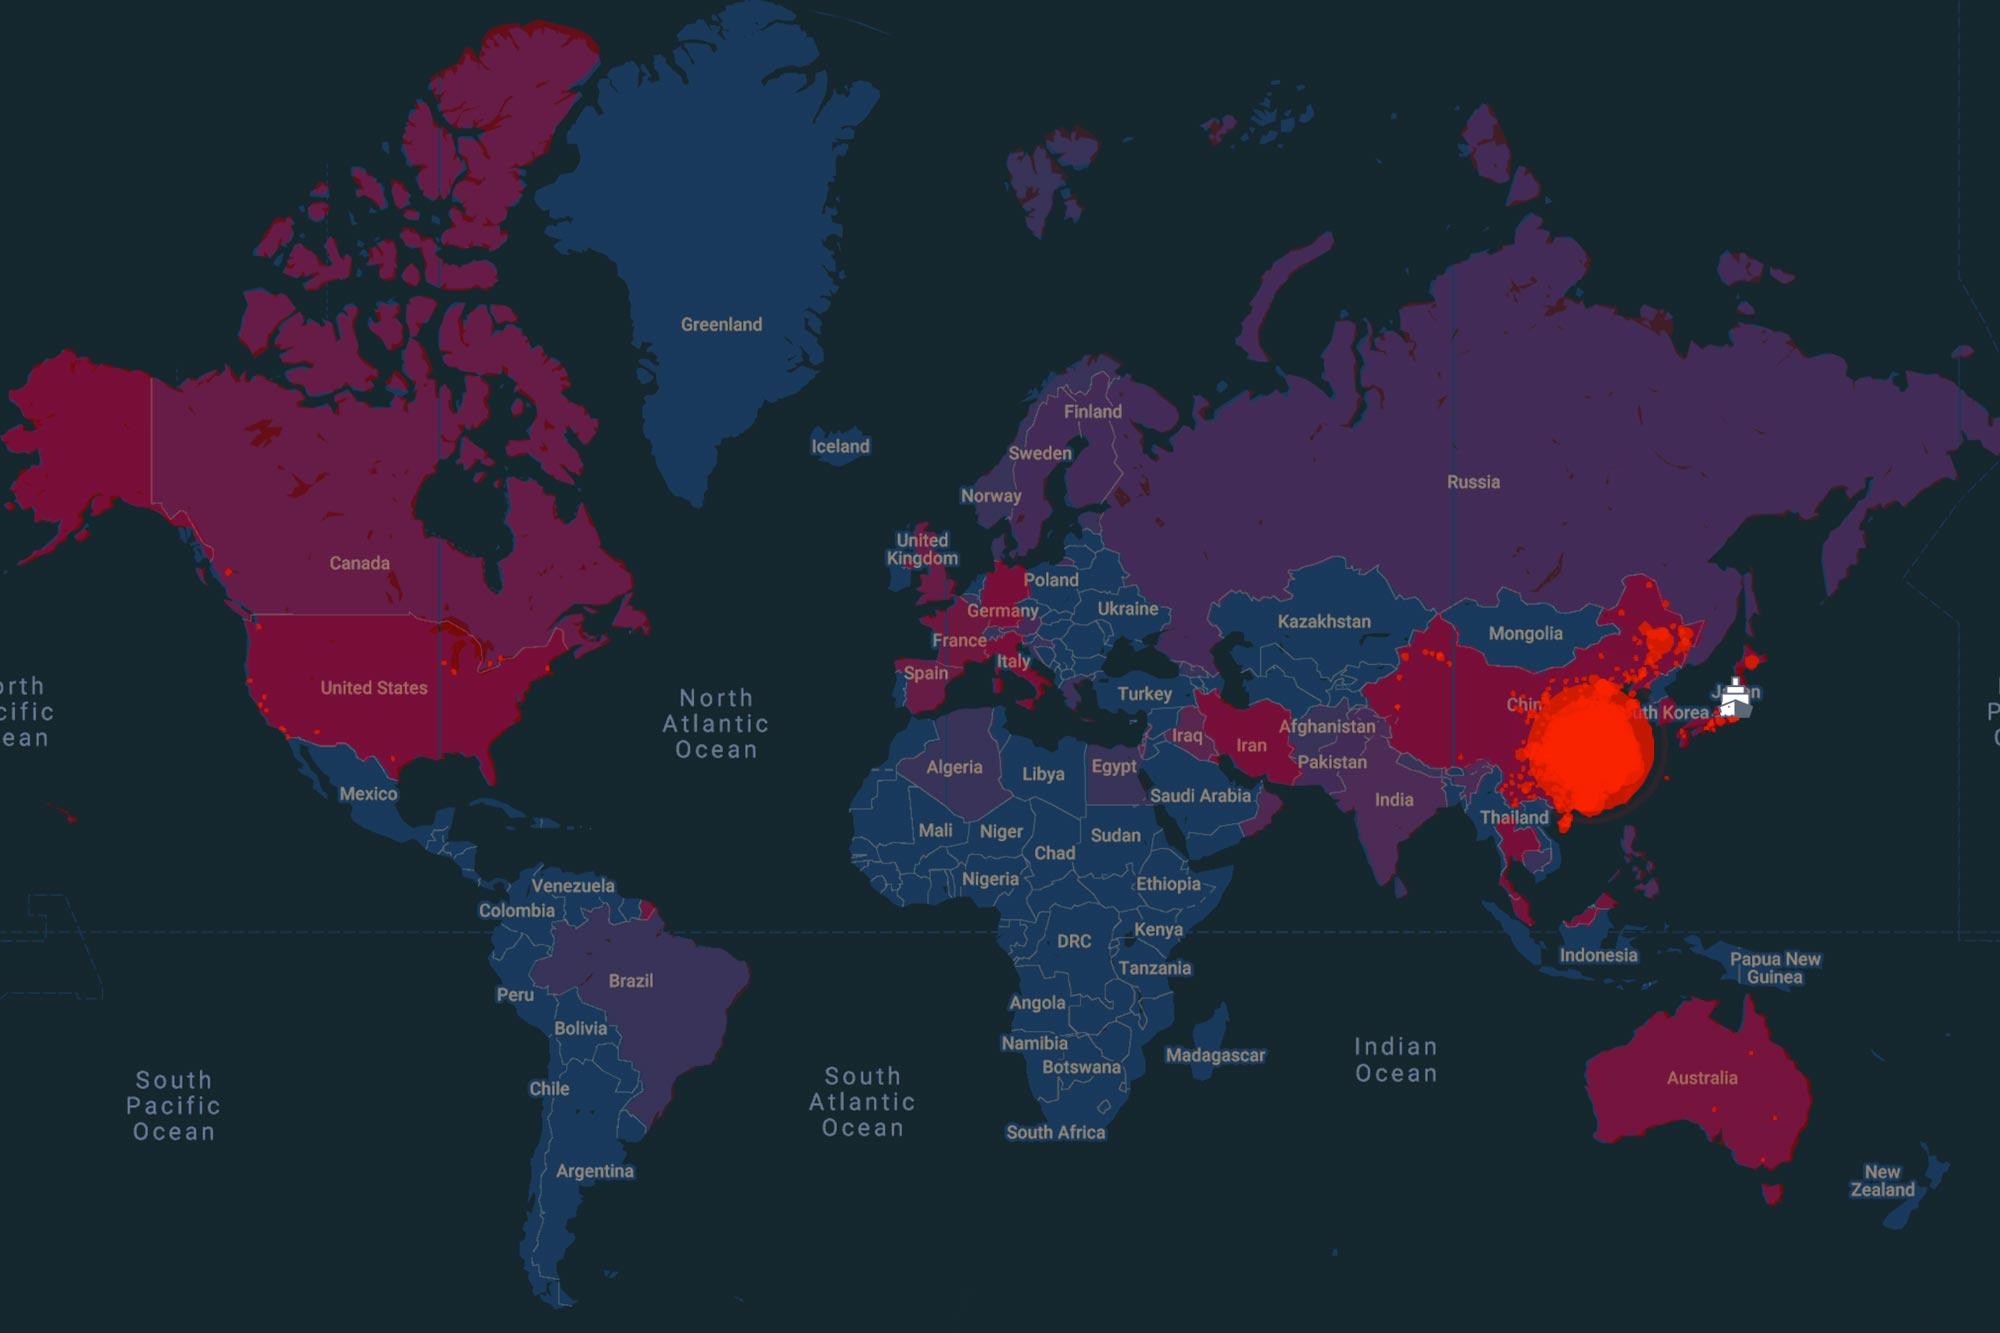 Coronavirus Map of World